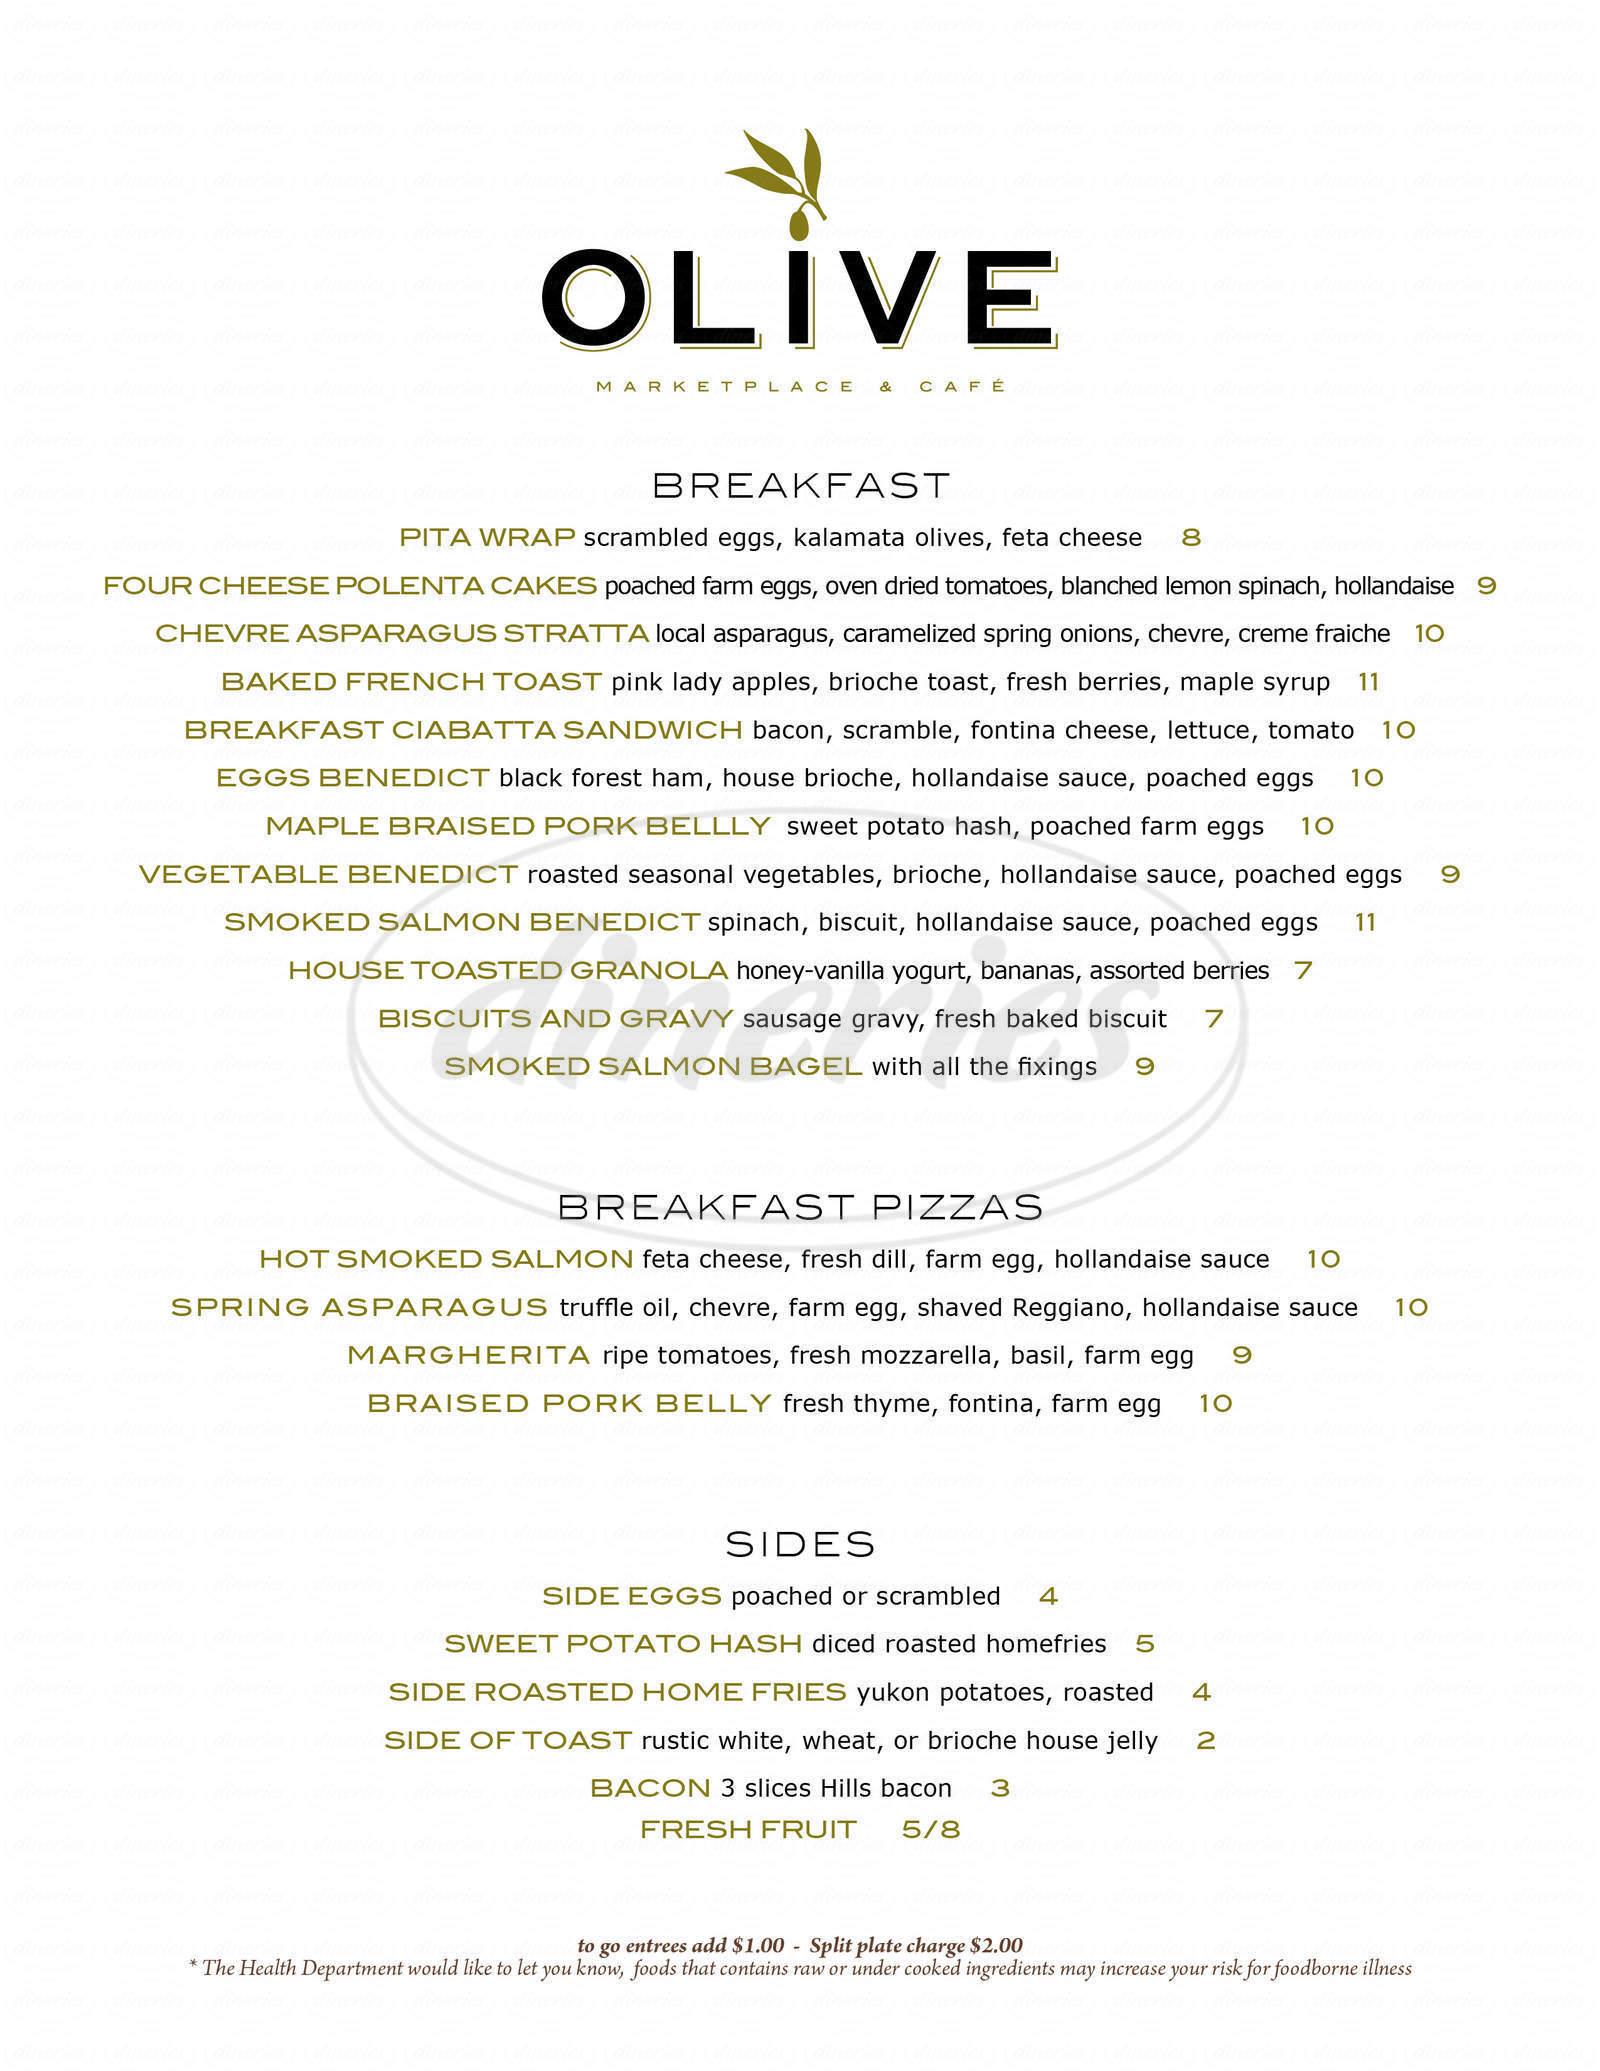 menu for Olive Marketplace & Cafe